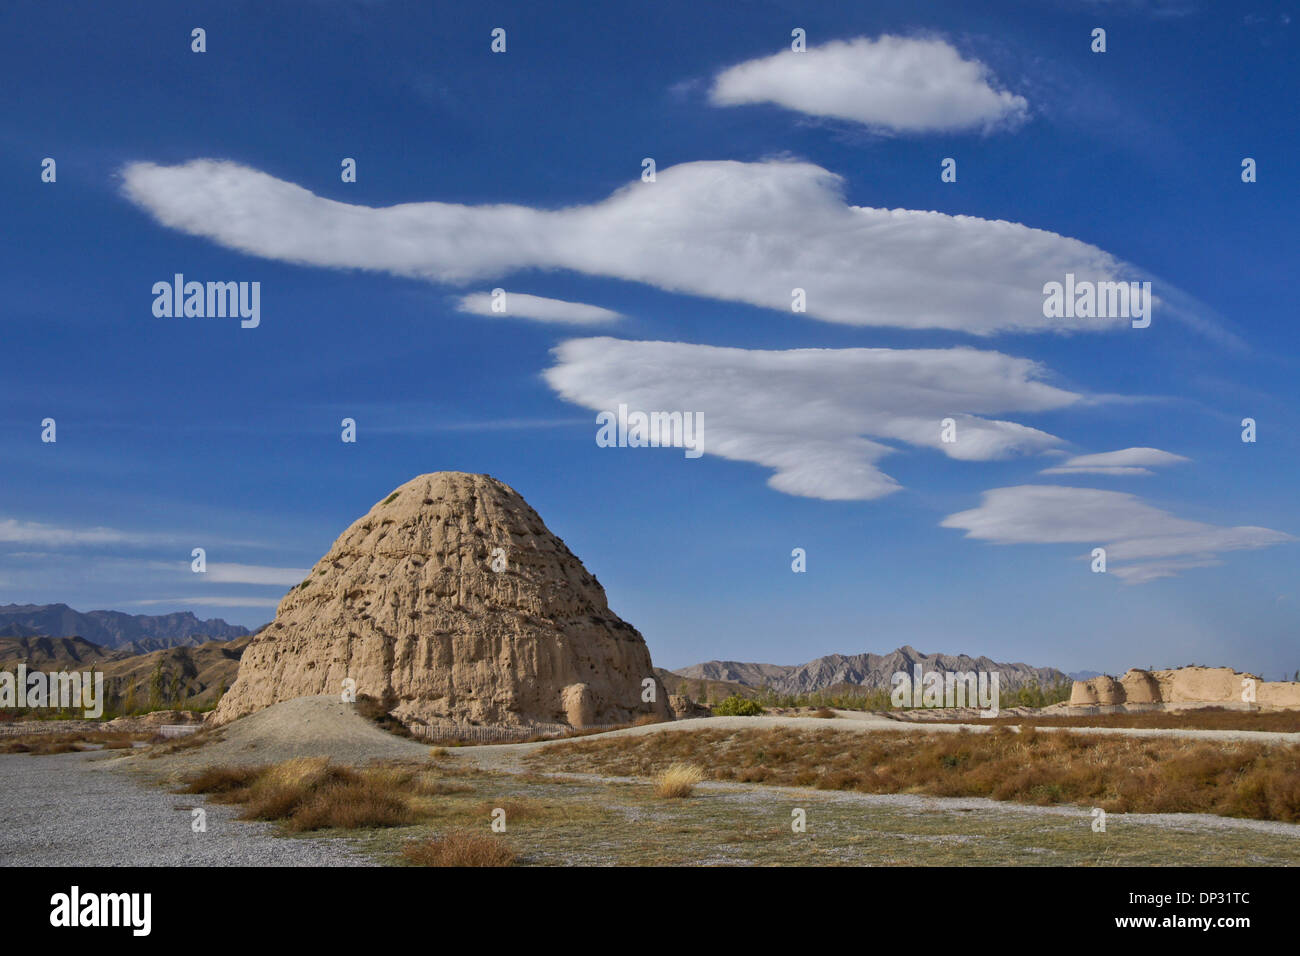 Western Xia Tombs (Tombeau #3), Gunzhongkou, province de Ningxia, Chine Banque D'Images